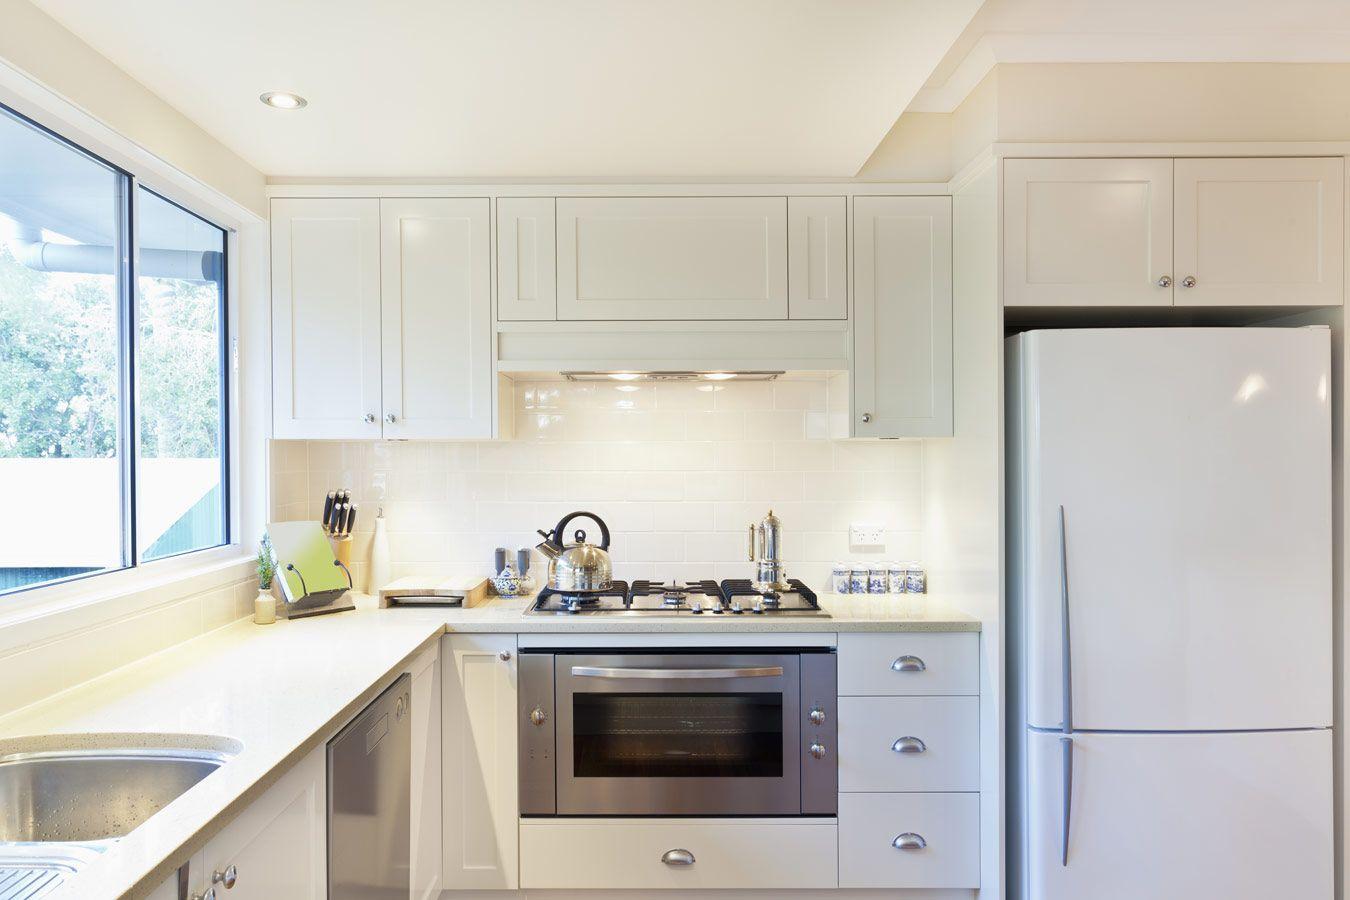 Witte Keuken Schilderen : Moderne witte keuken met granieten werkblad keukenkasten